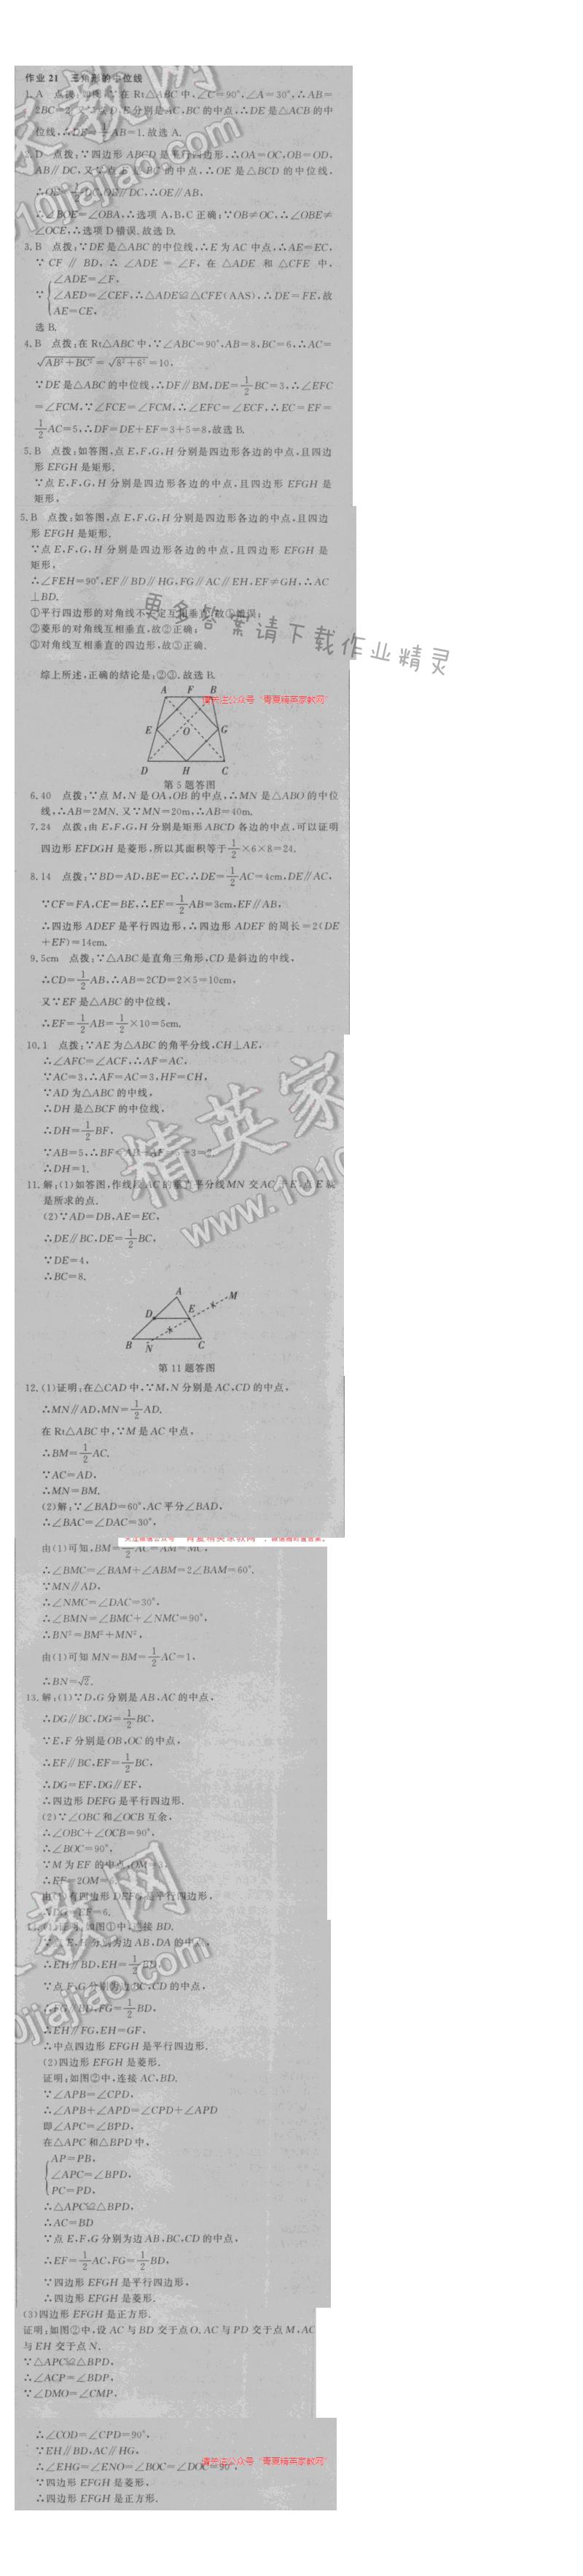 2016年启东中学作业本八年级数学下册江苏版 第九章 作业21